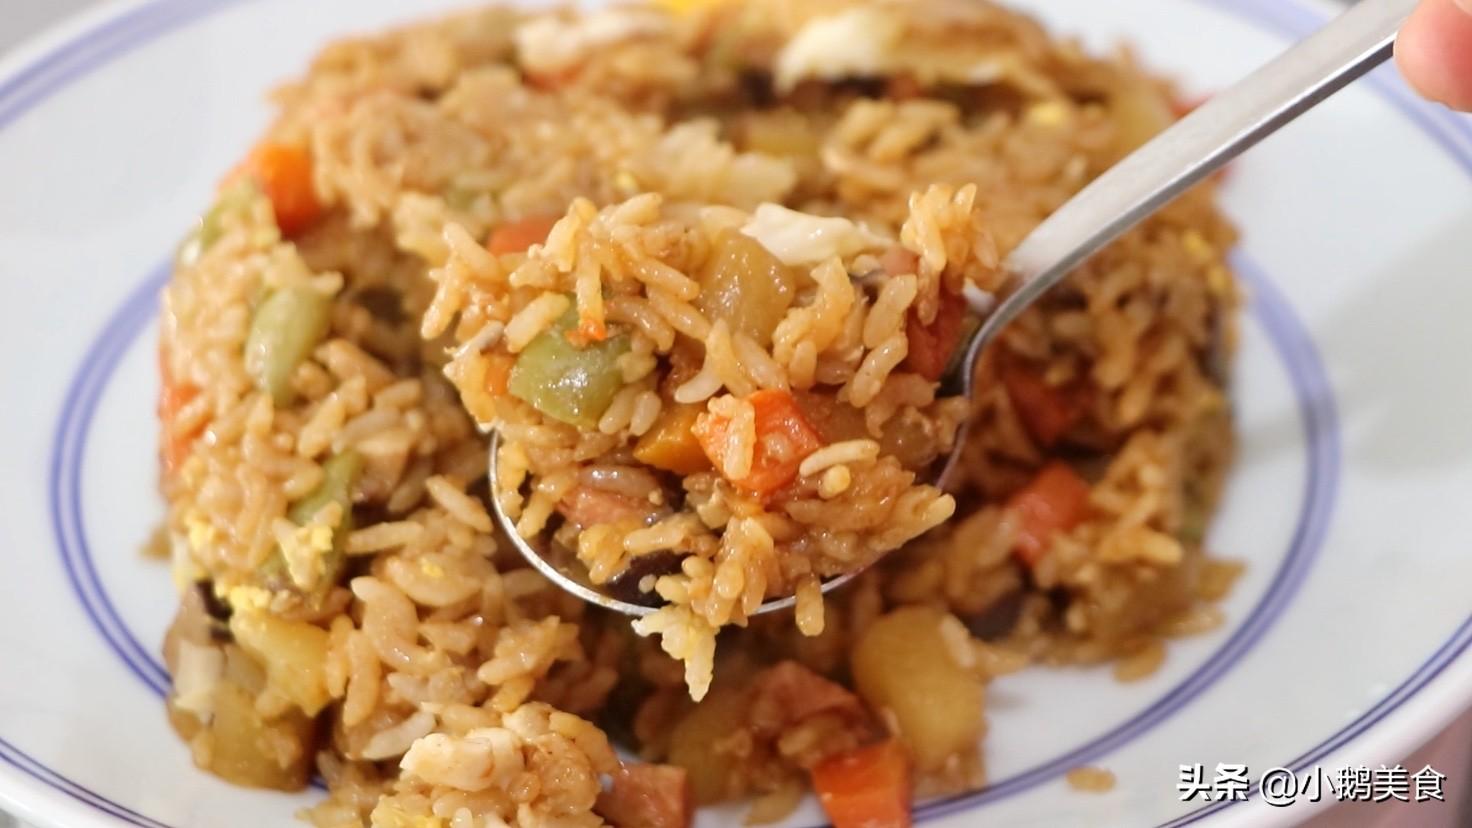 自从米饭学会这样煮,我家大米不够吃了,连挑食的孩子都抢着吃 美食做法 第9张